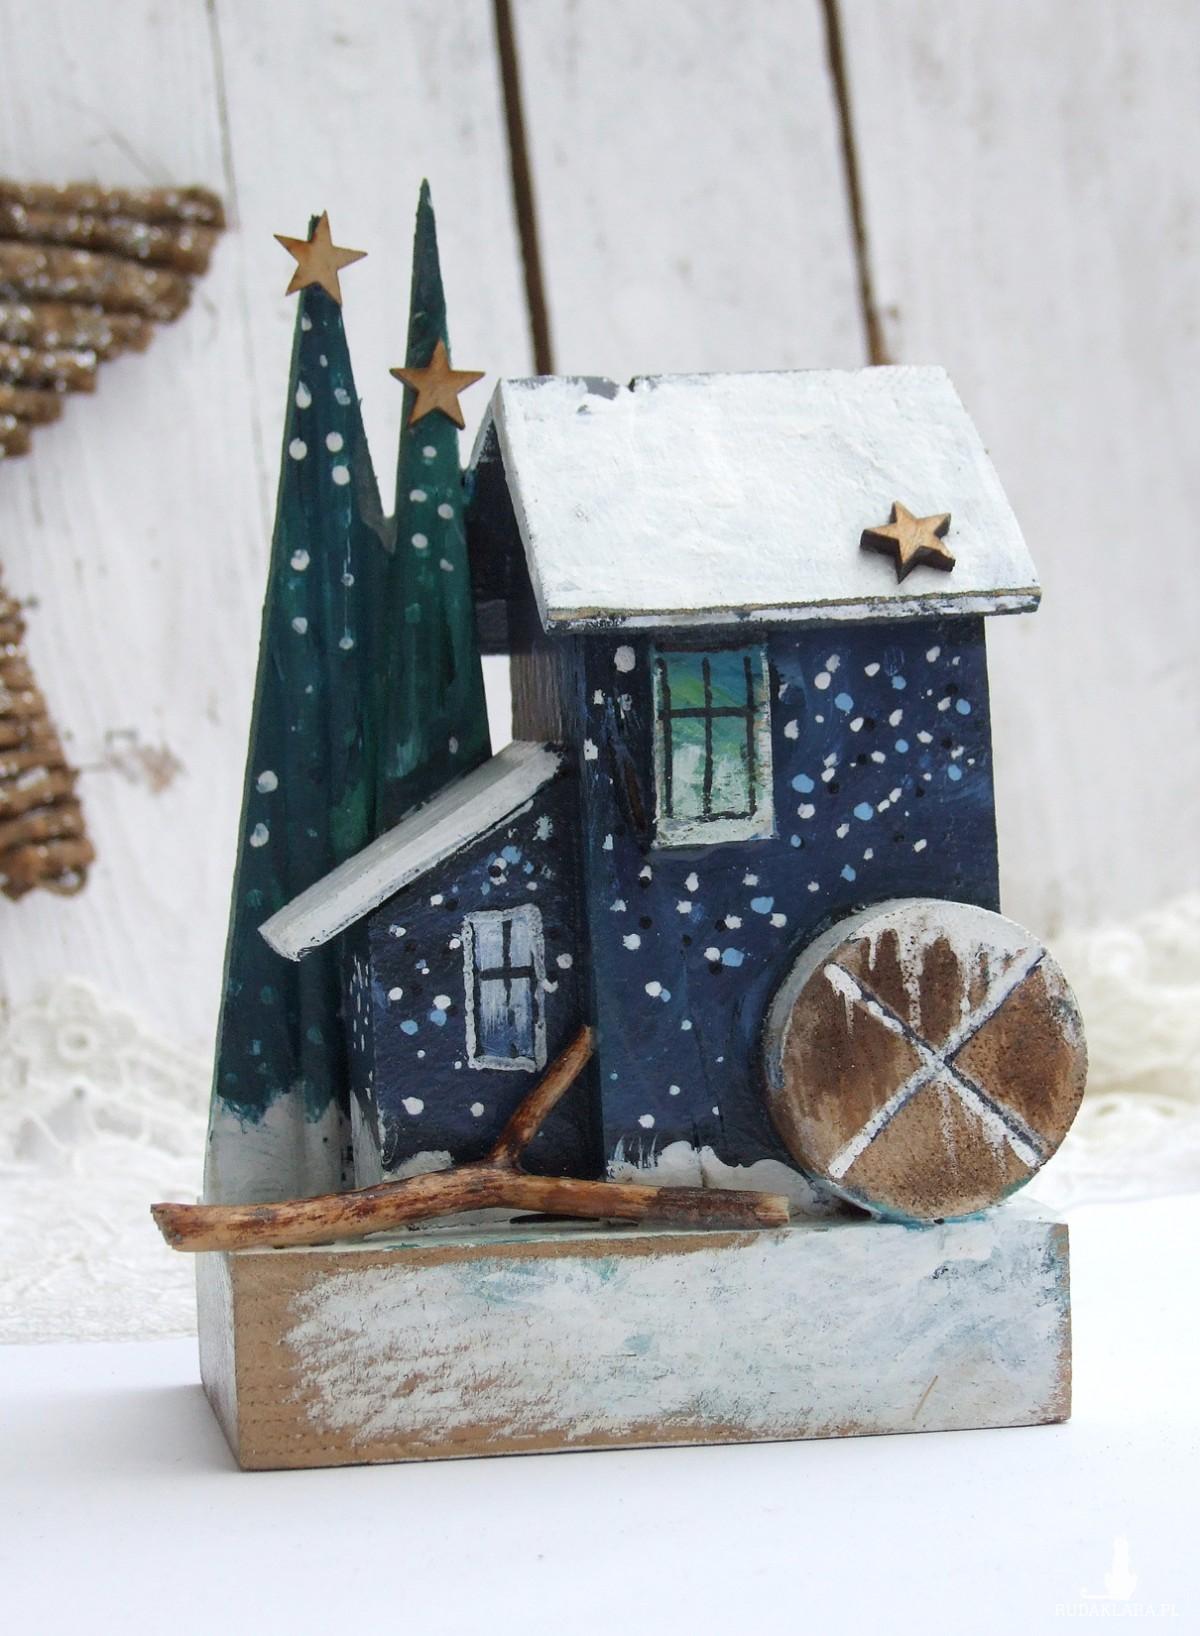 Drewniany domek dekoracyjny z choinkami